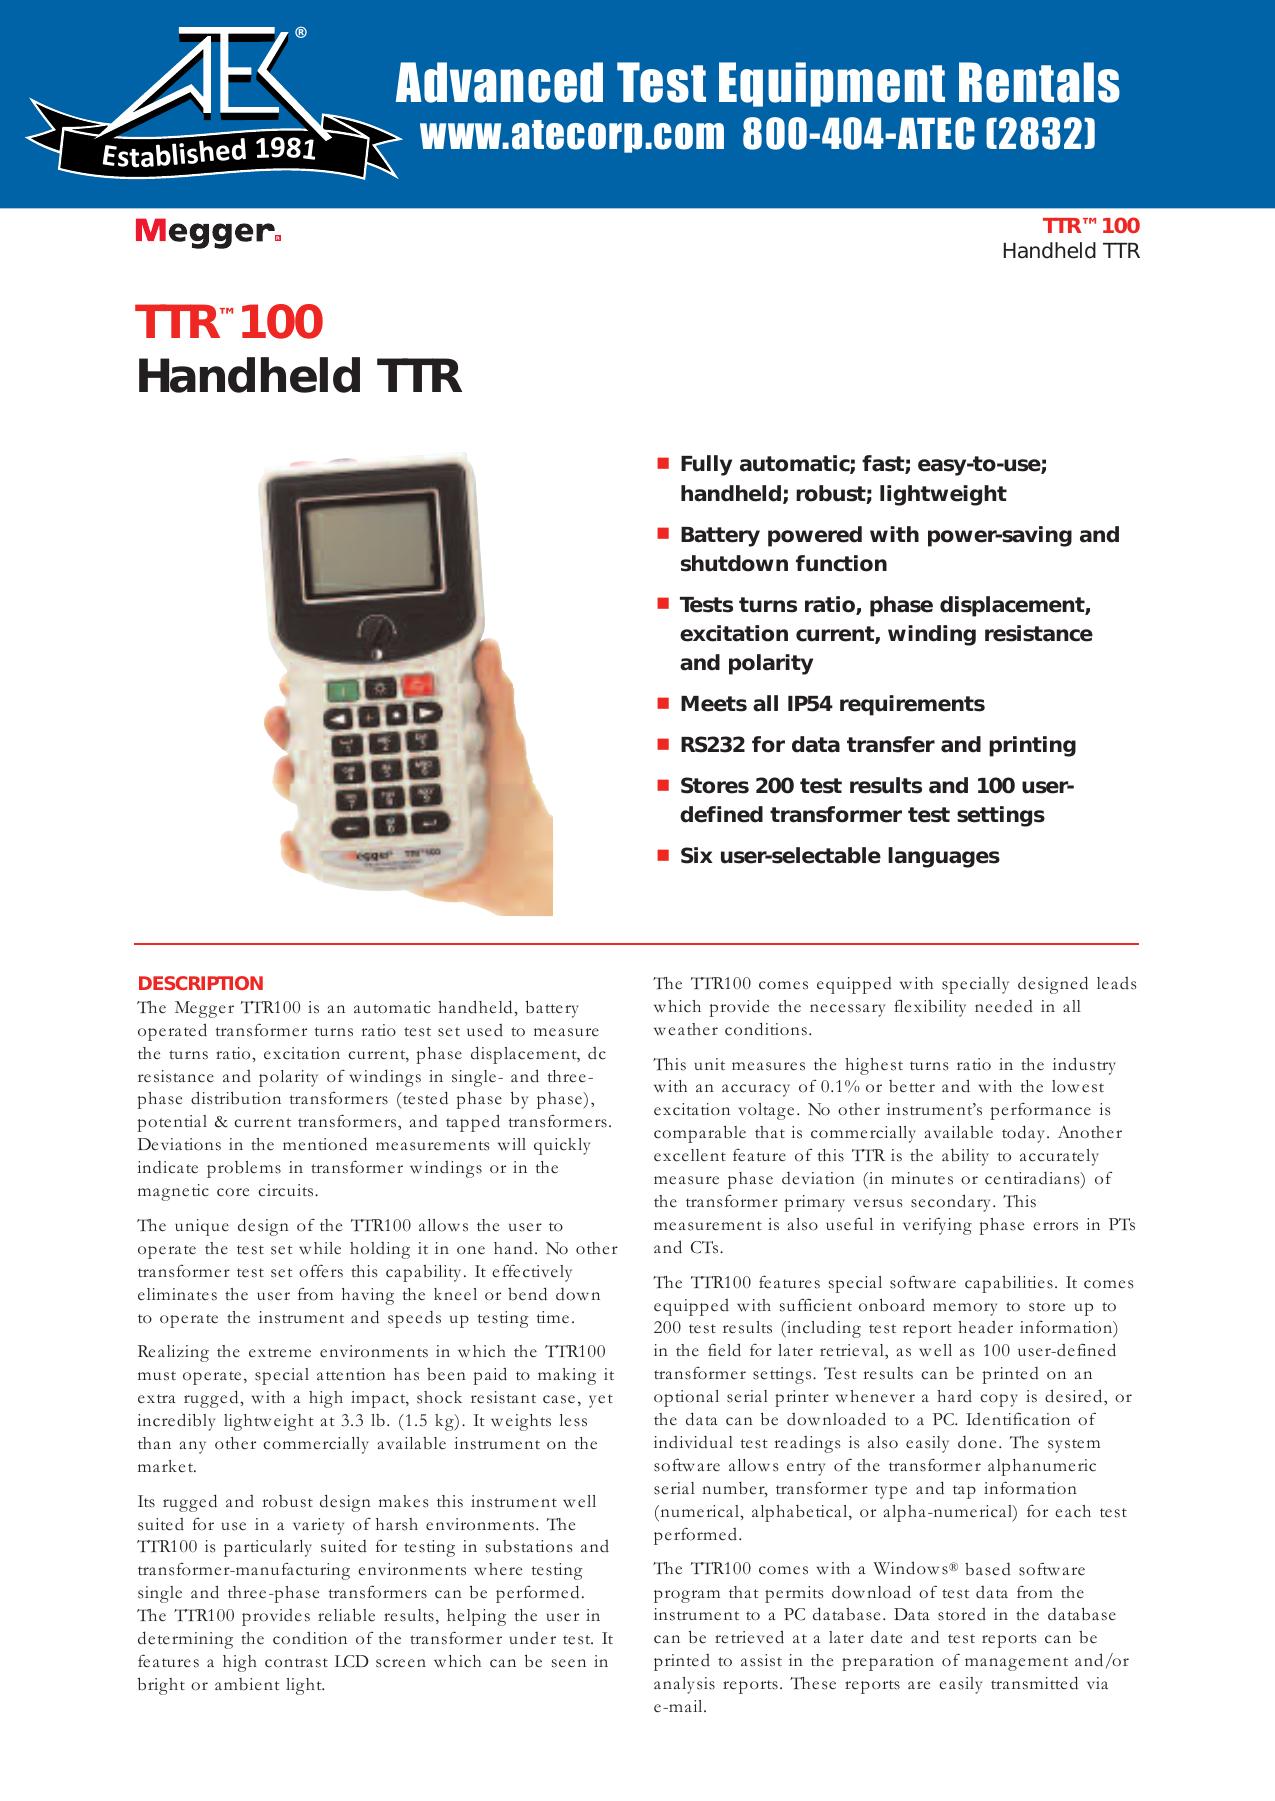 TTR™100 Handheld TTR - Advanced Test Equipment Rentals